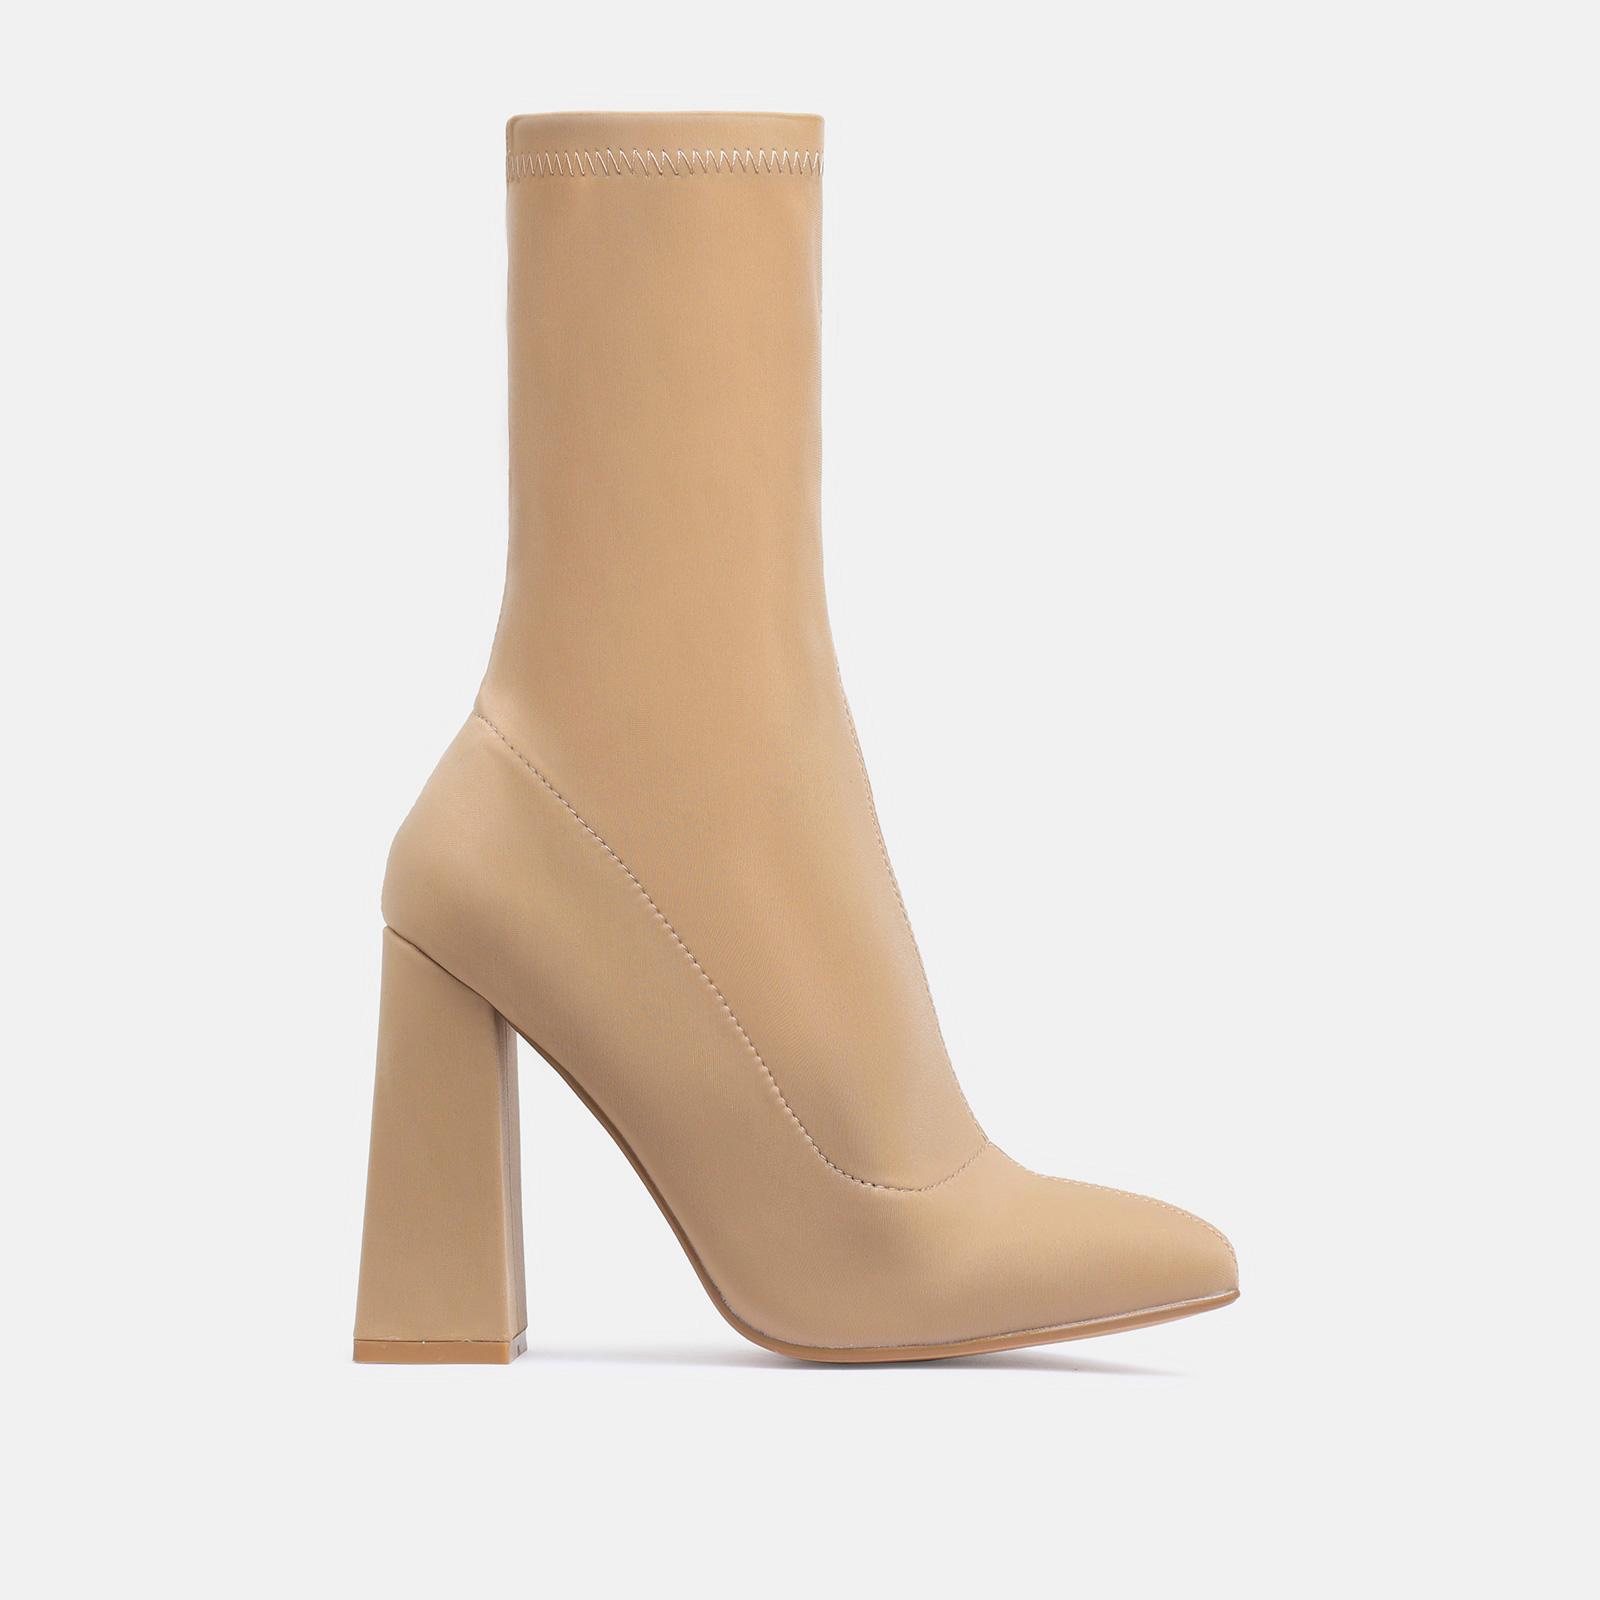 Chesta Block Heel Ankle Boot In Nude Lycra